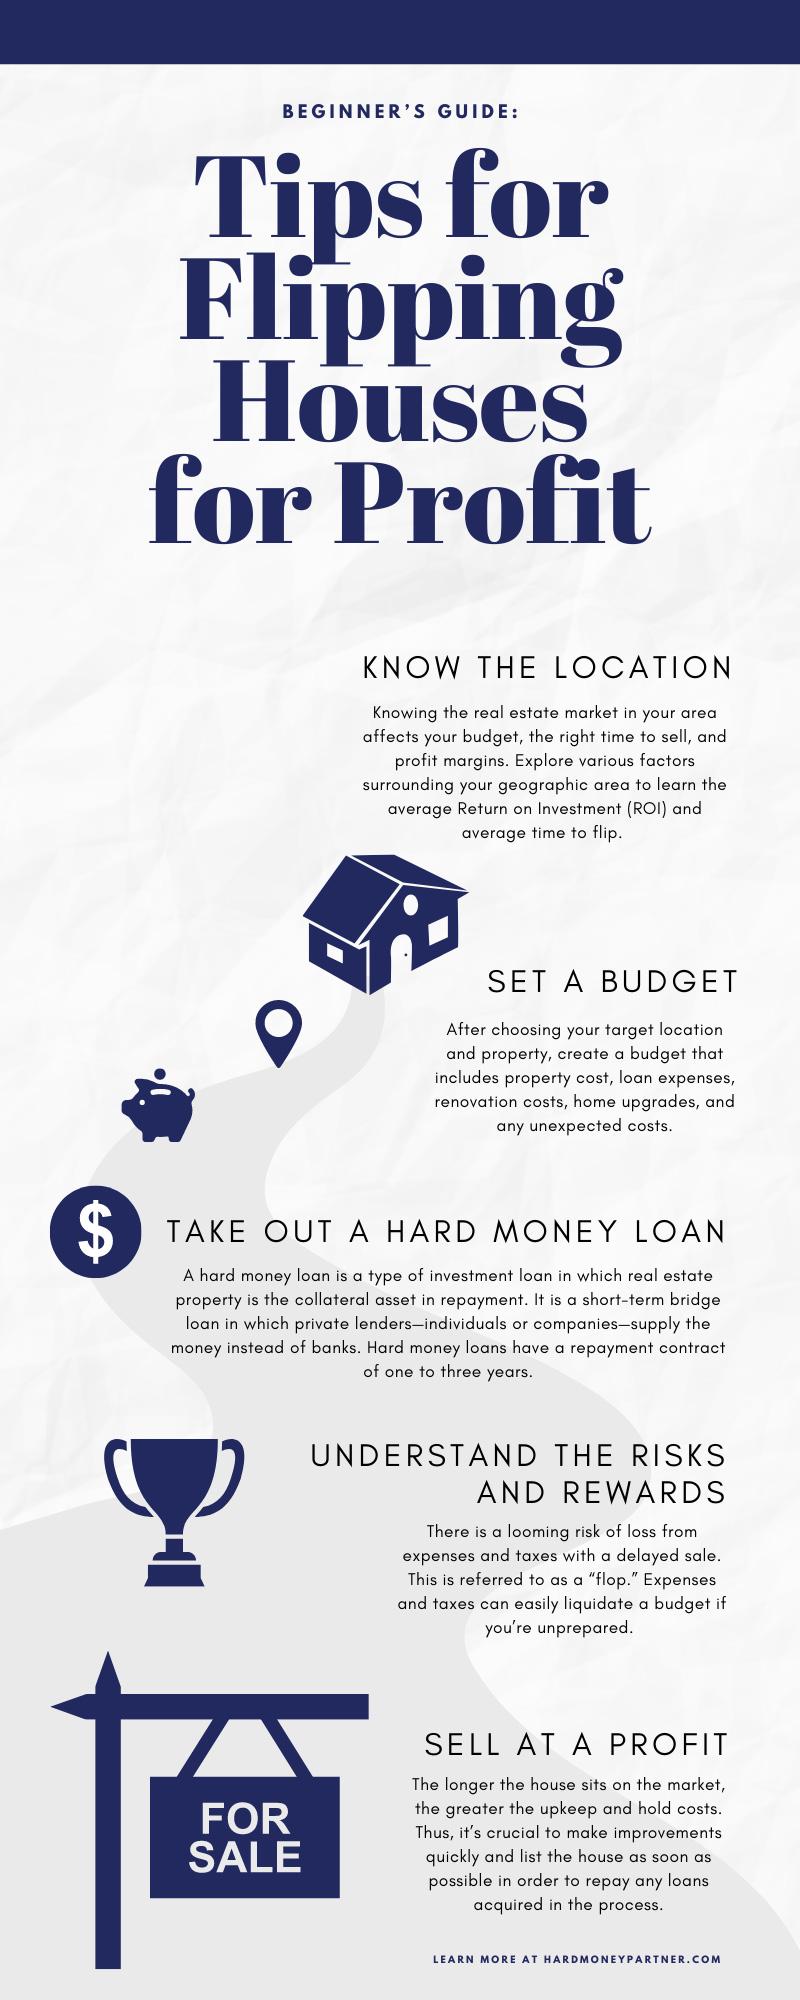 Beginner's Guide: 6 Tips for Flipping Houses for Profit